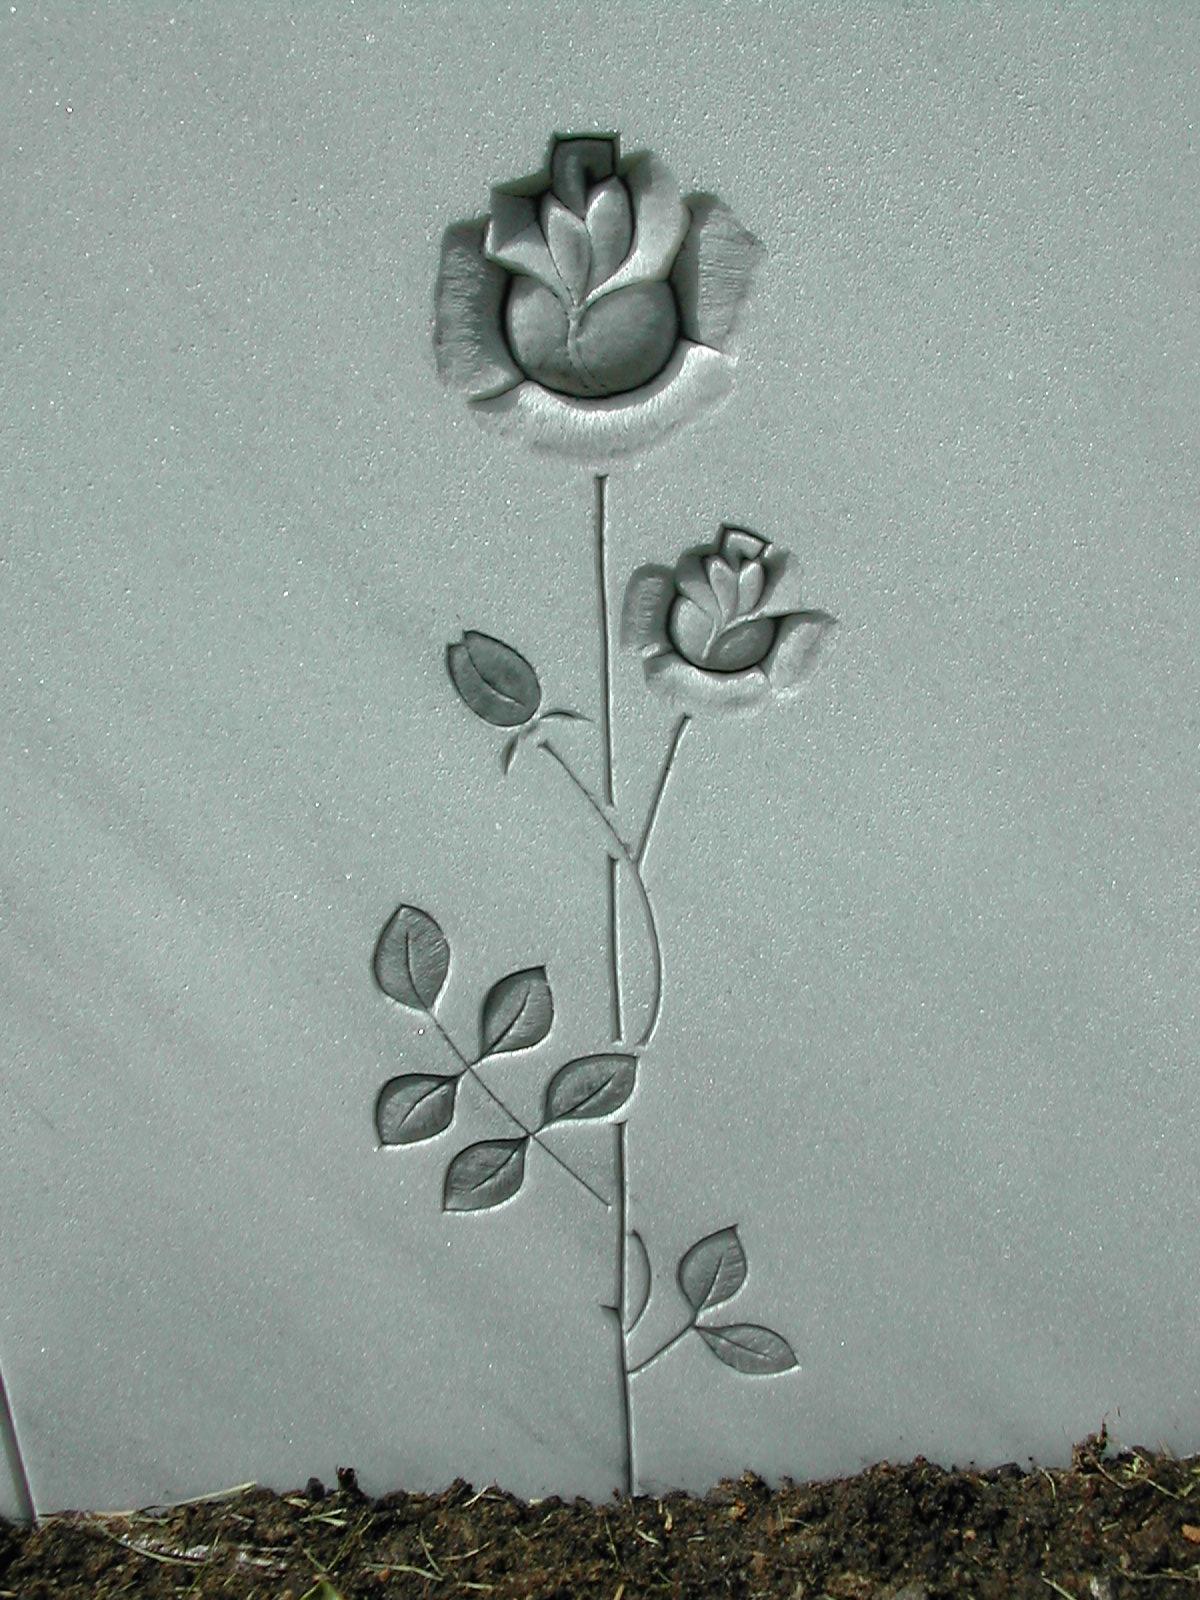 Rose plastisch in der Fläche gearbeitet und anthrazit getönt.